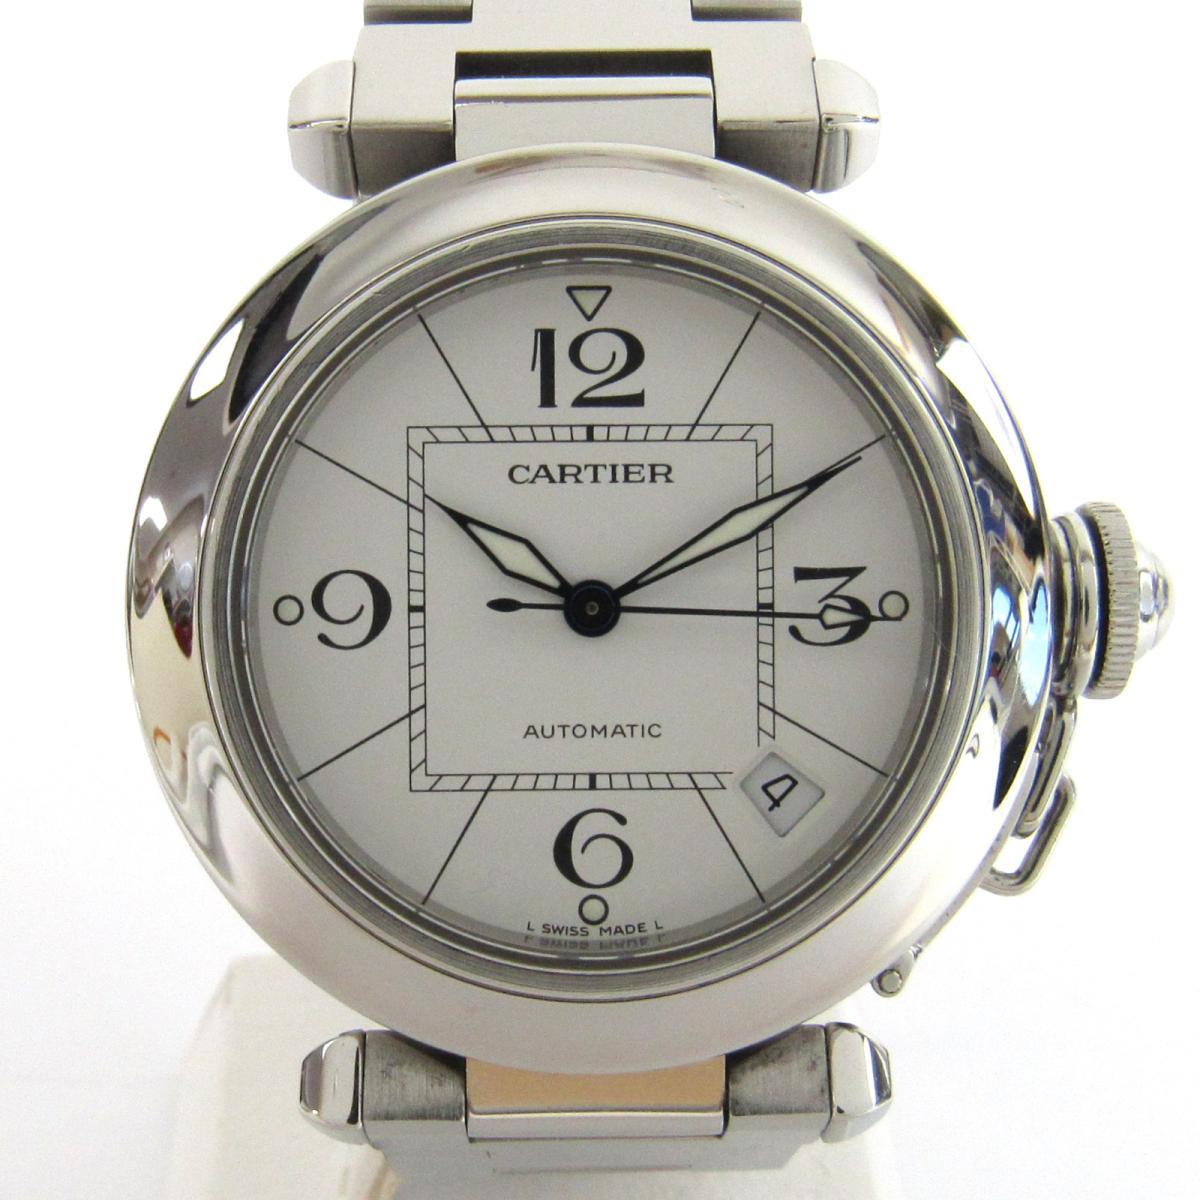 カルティエ パシャC 腕時計 ウォッチ メンズ ステンレススチール (SS) (W31074M7)   Cartier BRANDOFF ブランドオフ ブランド ブランド時計 ブランド腕時計 時計:Brandoff銀座